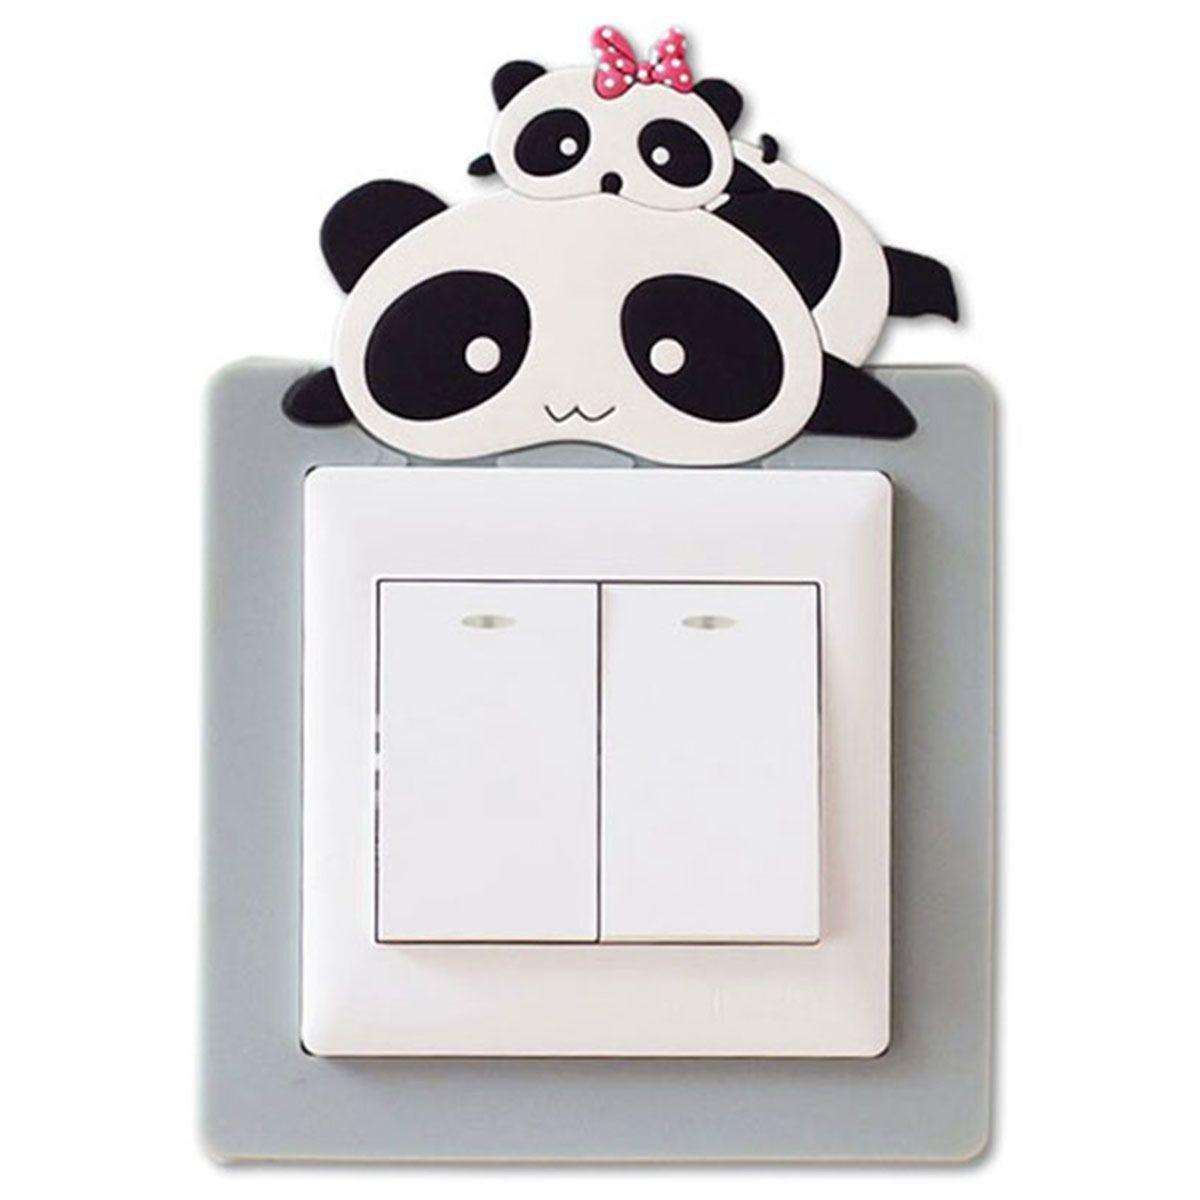 Haven Novelty Light Cover Sticker - White Panda